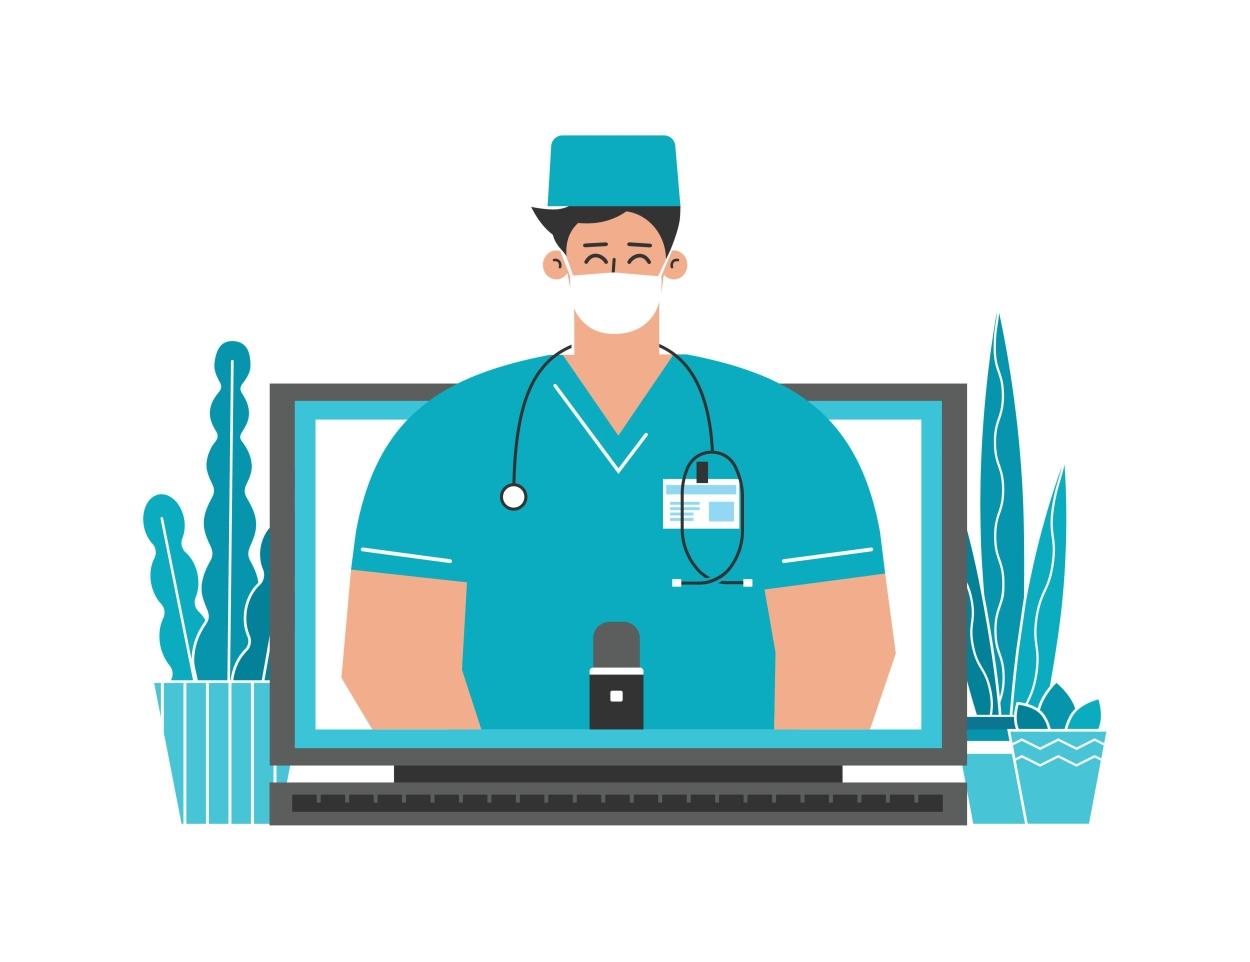 Towards a telehealth ecosystem